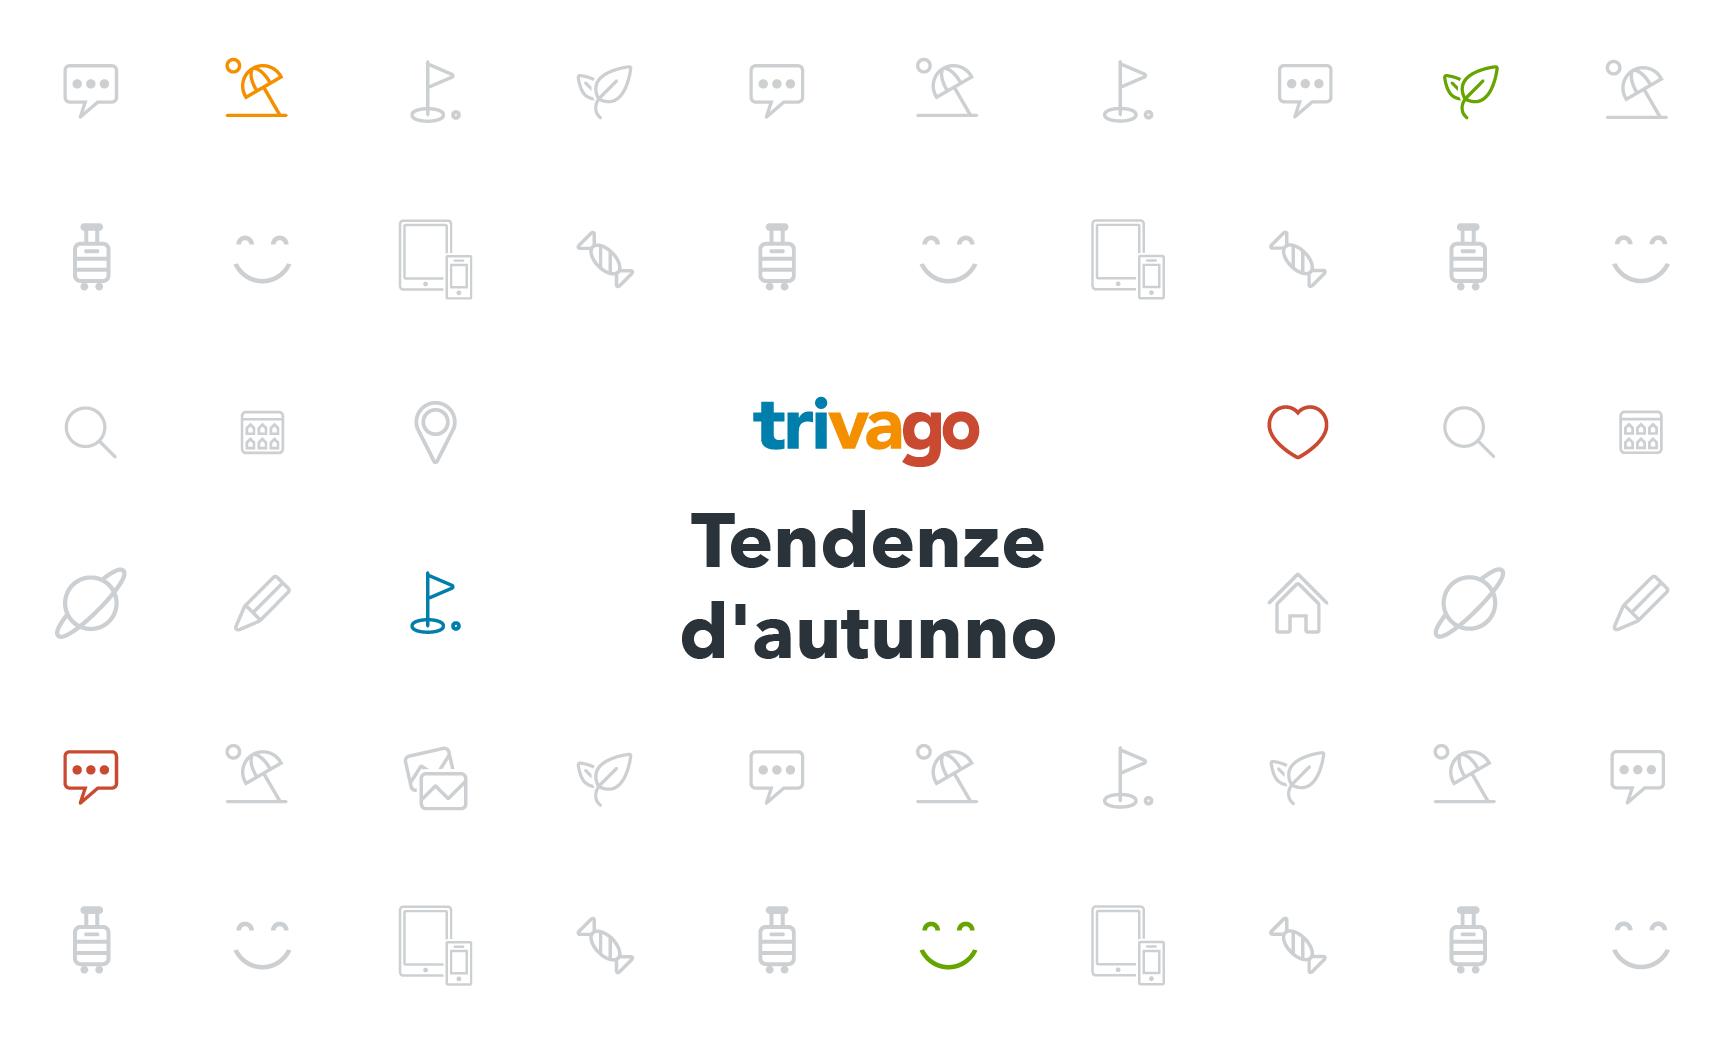 Autunno 2017 tendenze dei viaggi e vacanze in italia for Vacanze a novembre in italia